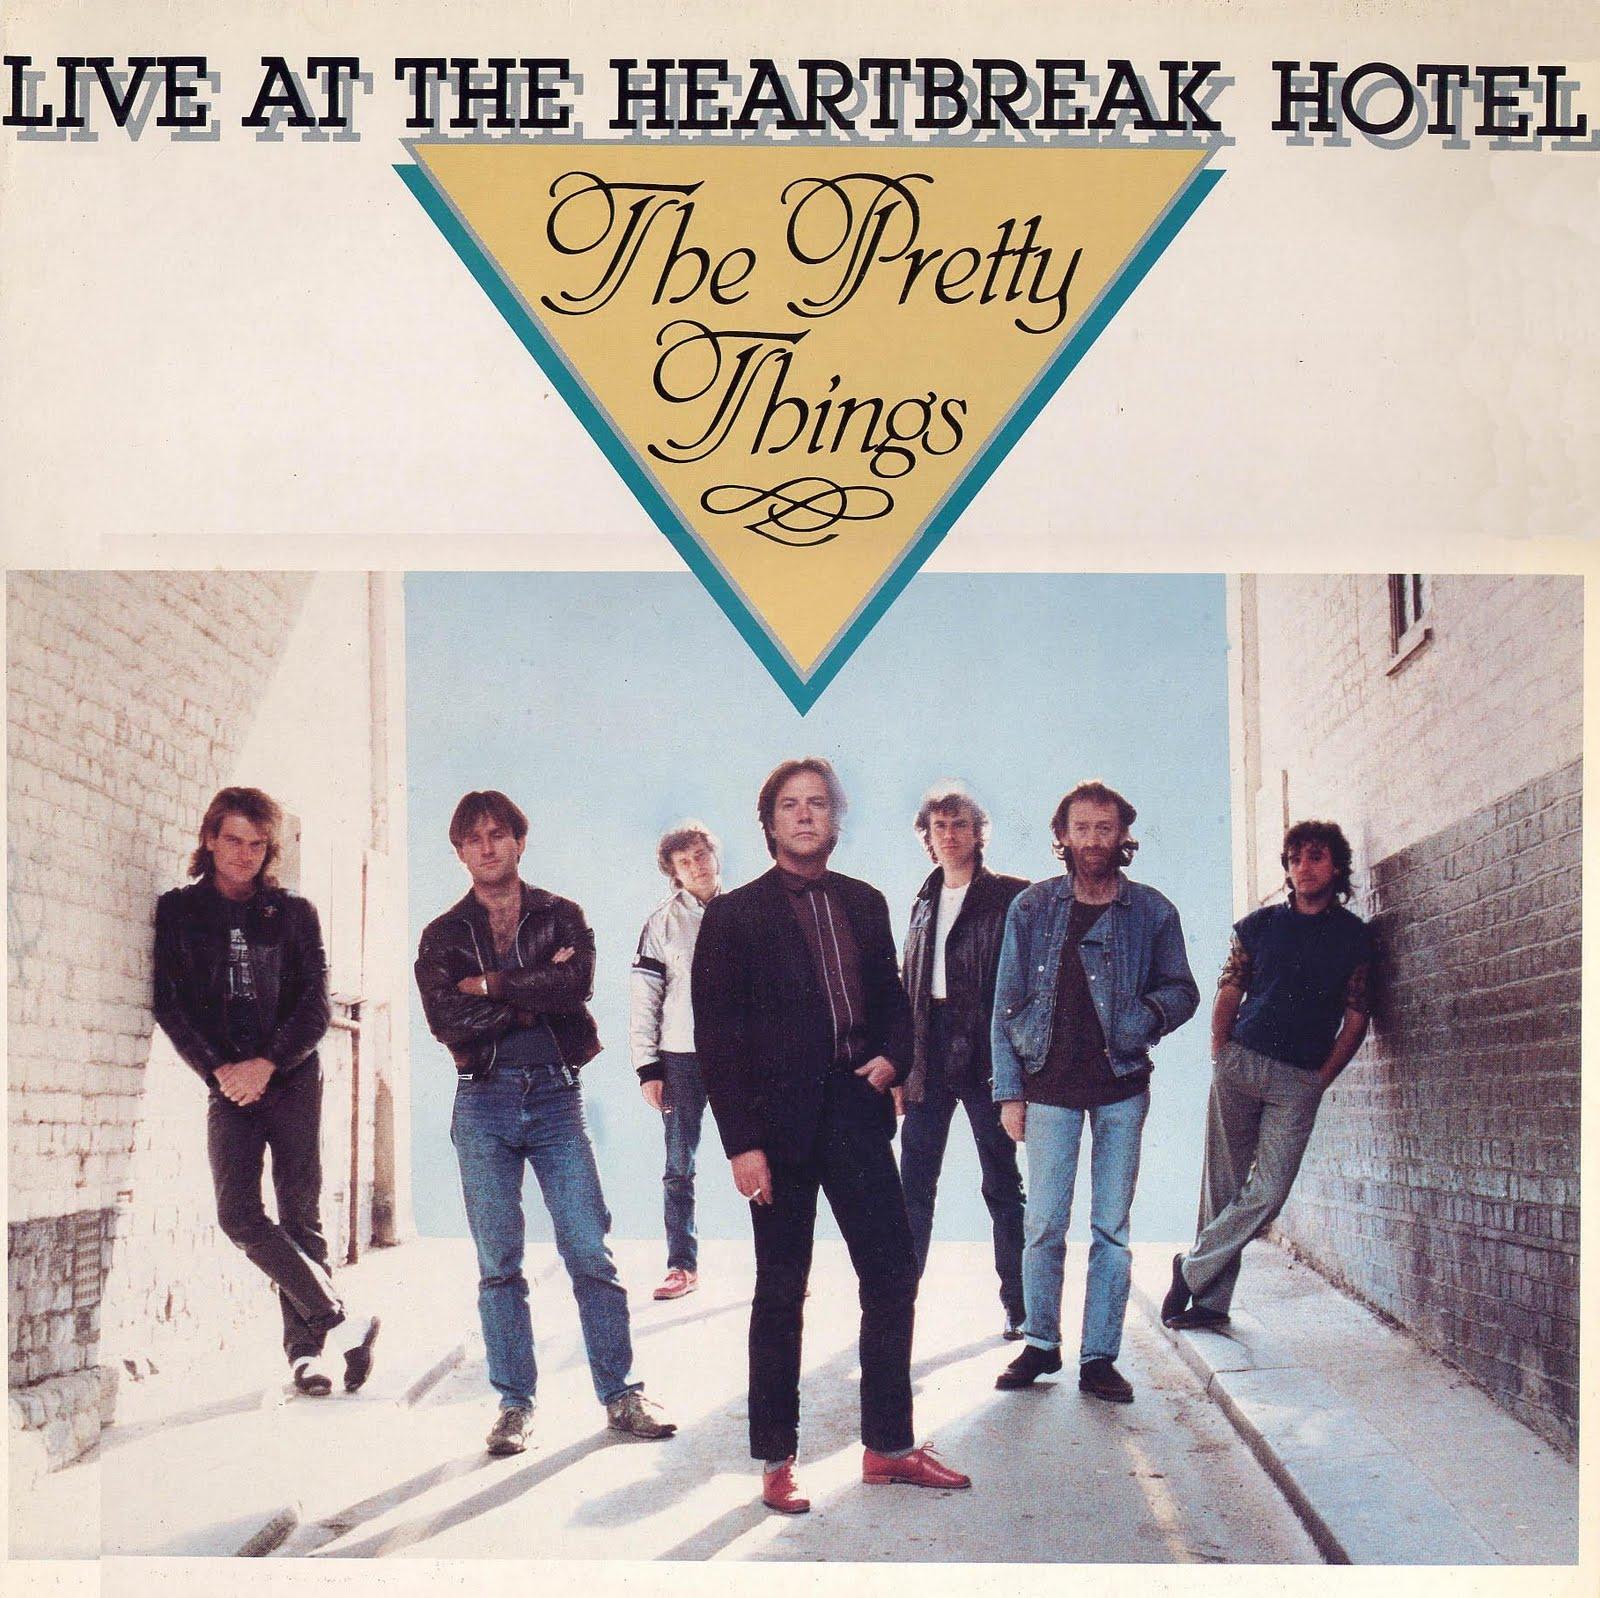 Pochette française de l'album Live at the Heartbreak Hotel.